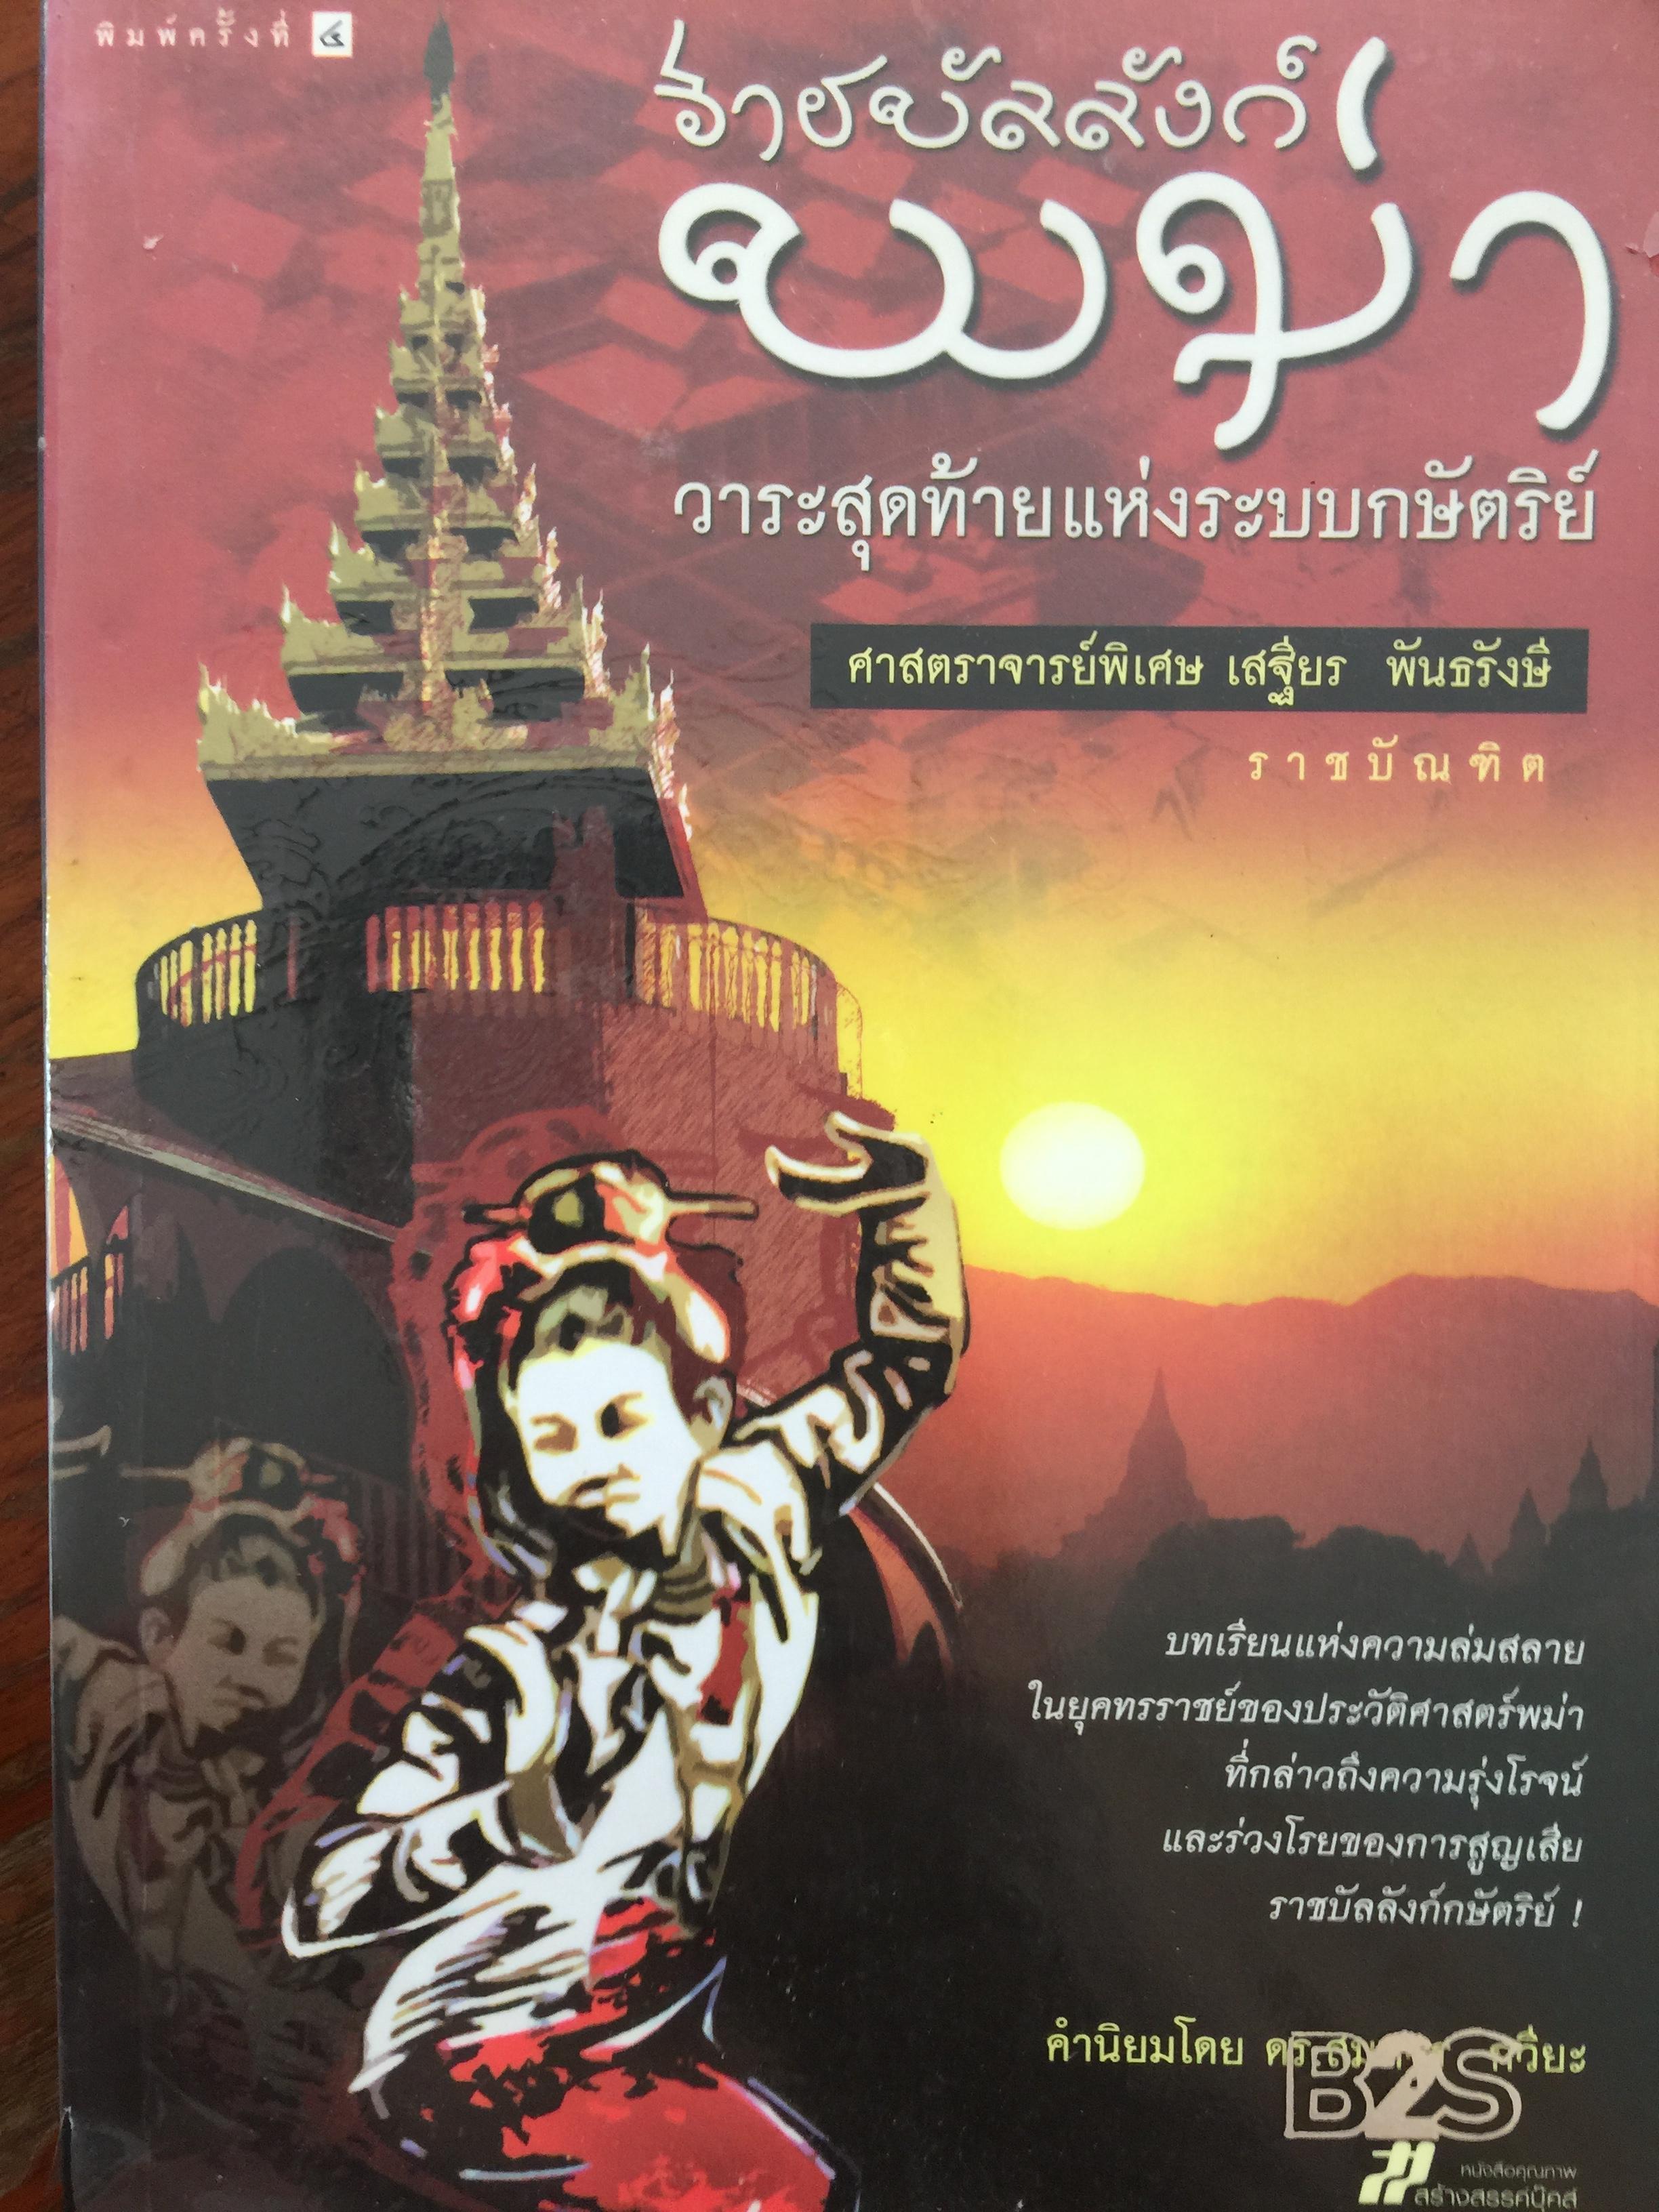 ราชบัลลก์ พม่า วาระสุดท้ายแห่งระบบกษัตริย์. ผู้เขียน เสถียร พันธรังษี